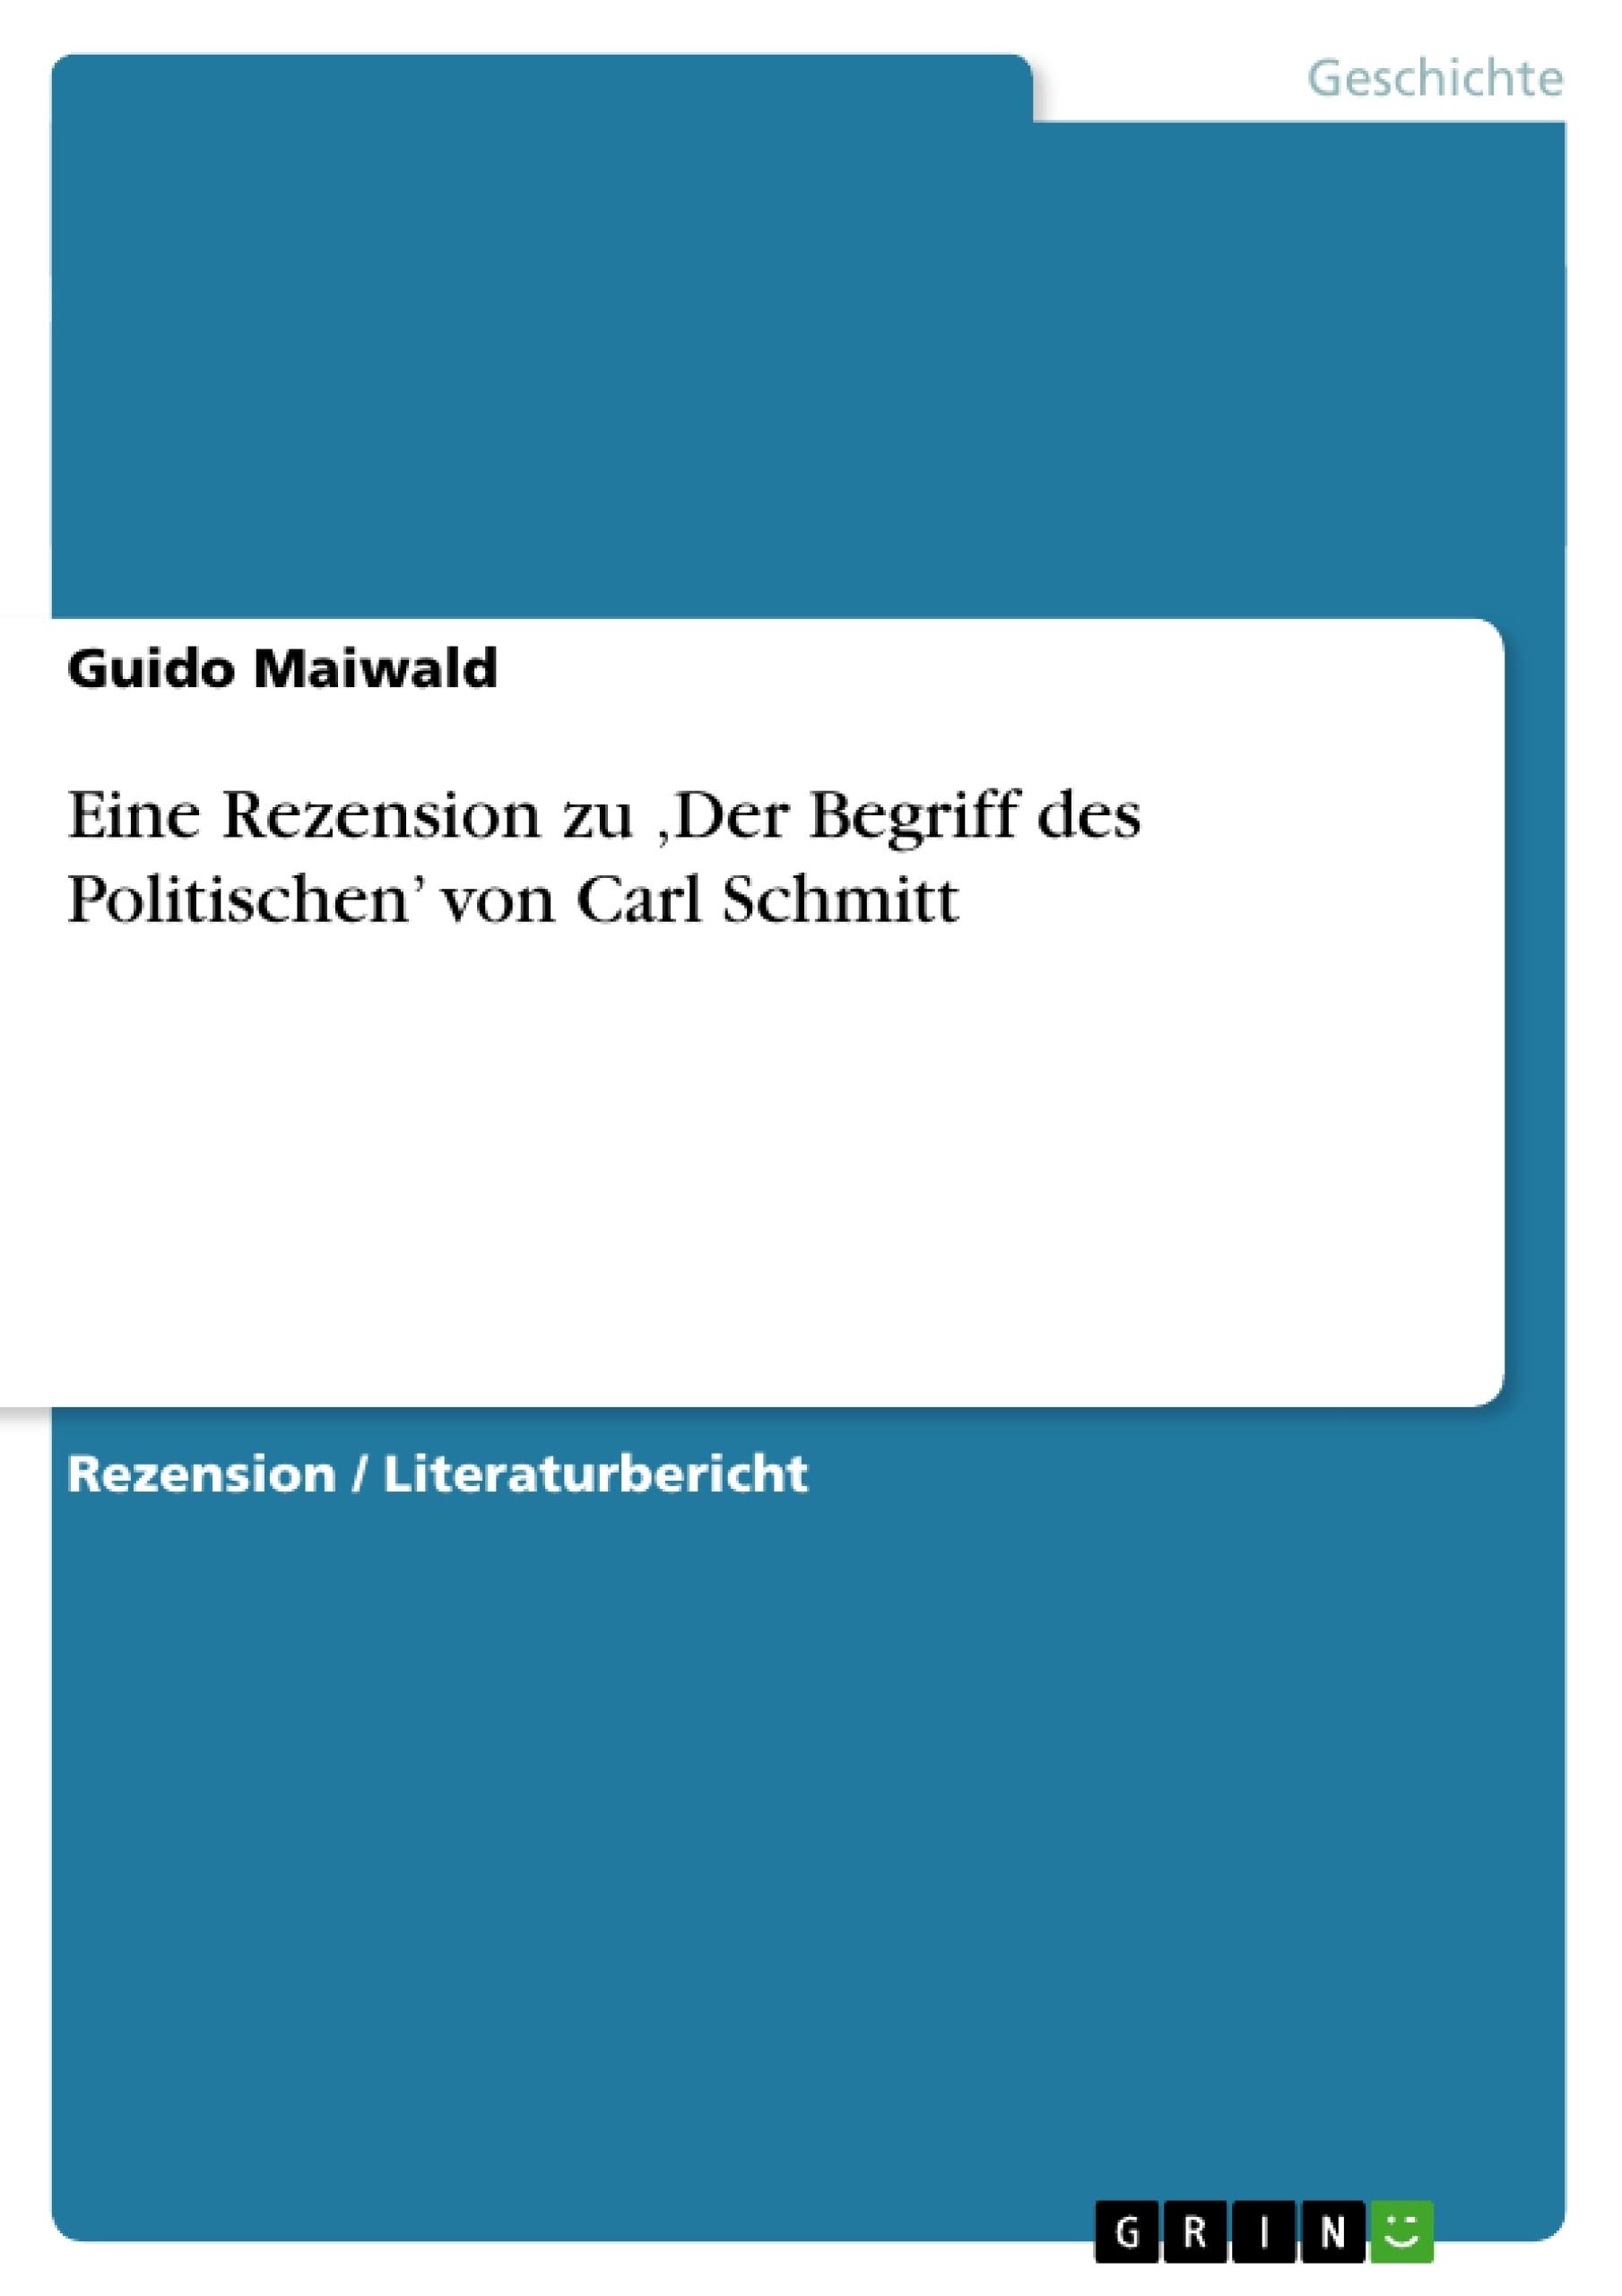 Titel: Eine Rezension zu 'Der Begriff des Politischen' von Carl Schmitt